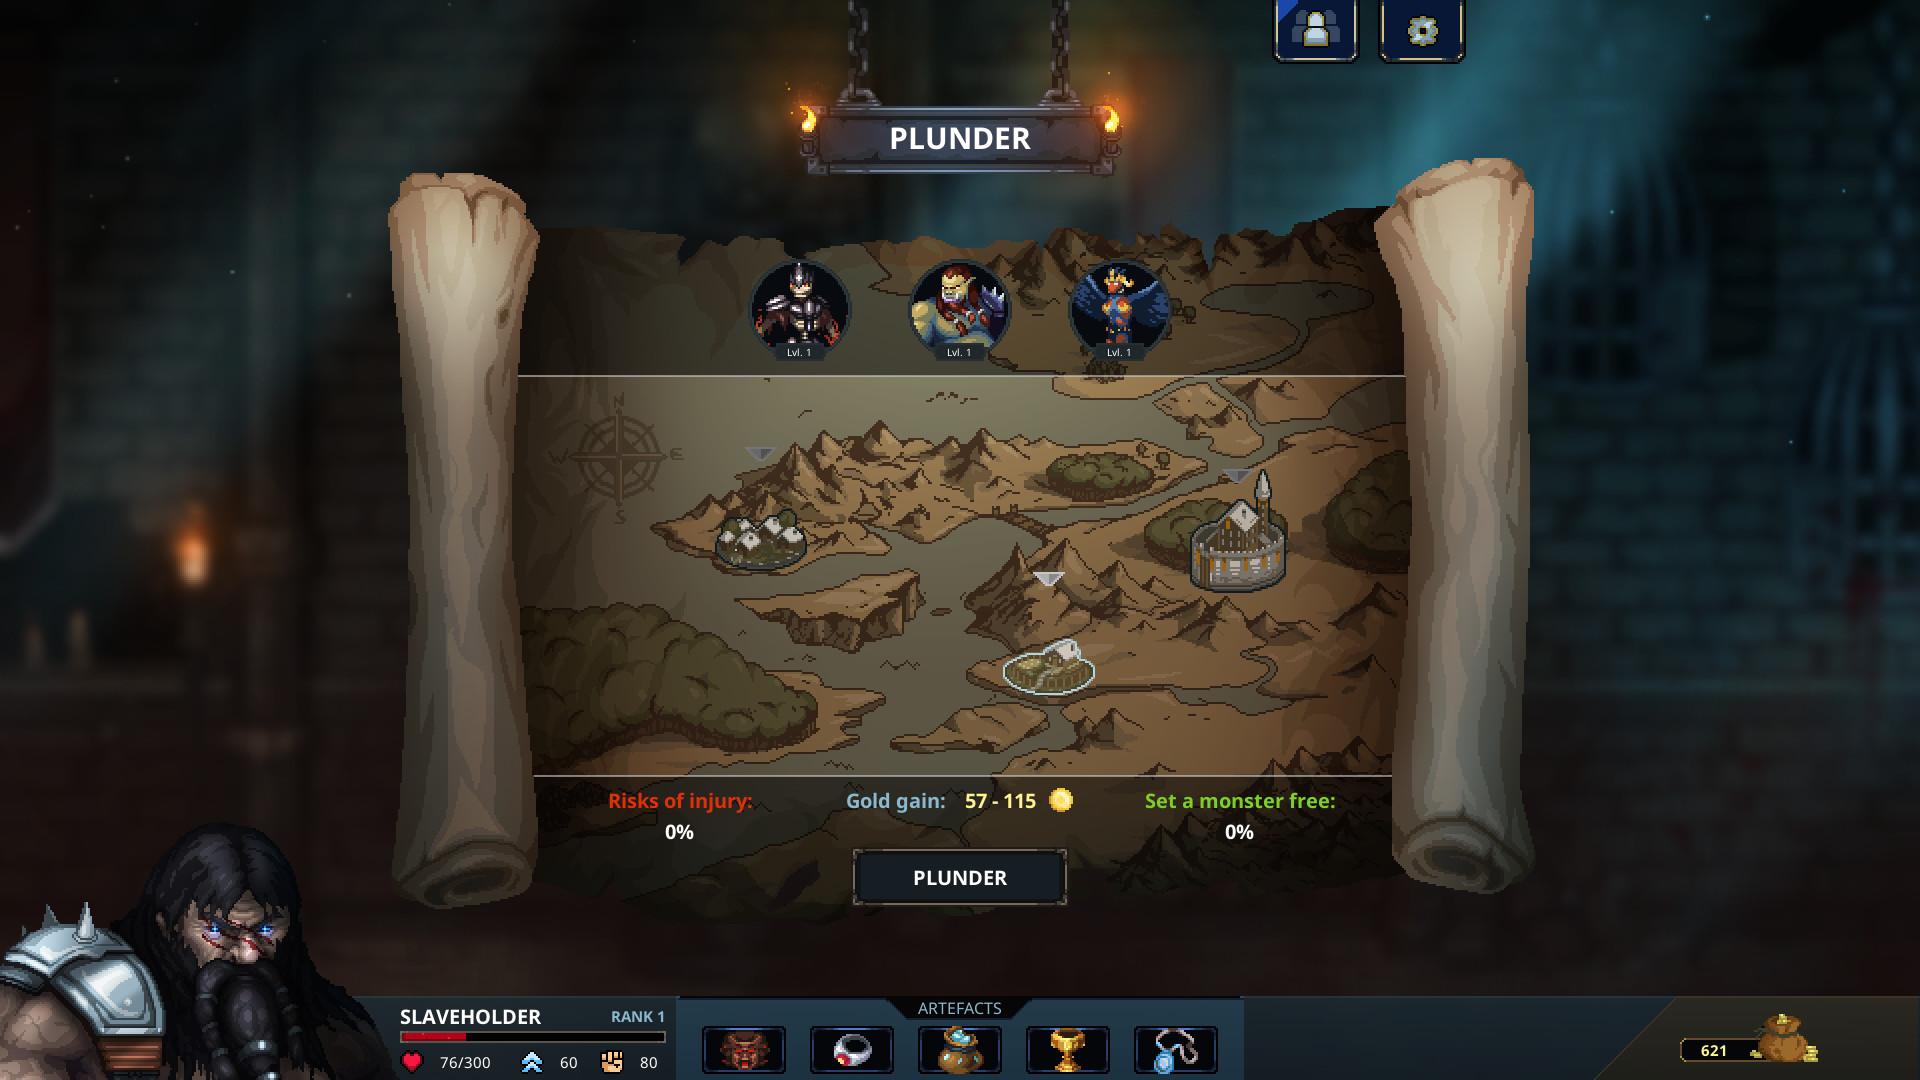 Demo game slot playtech